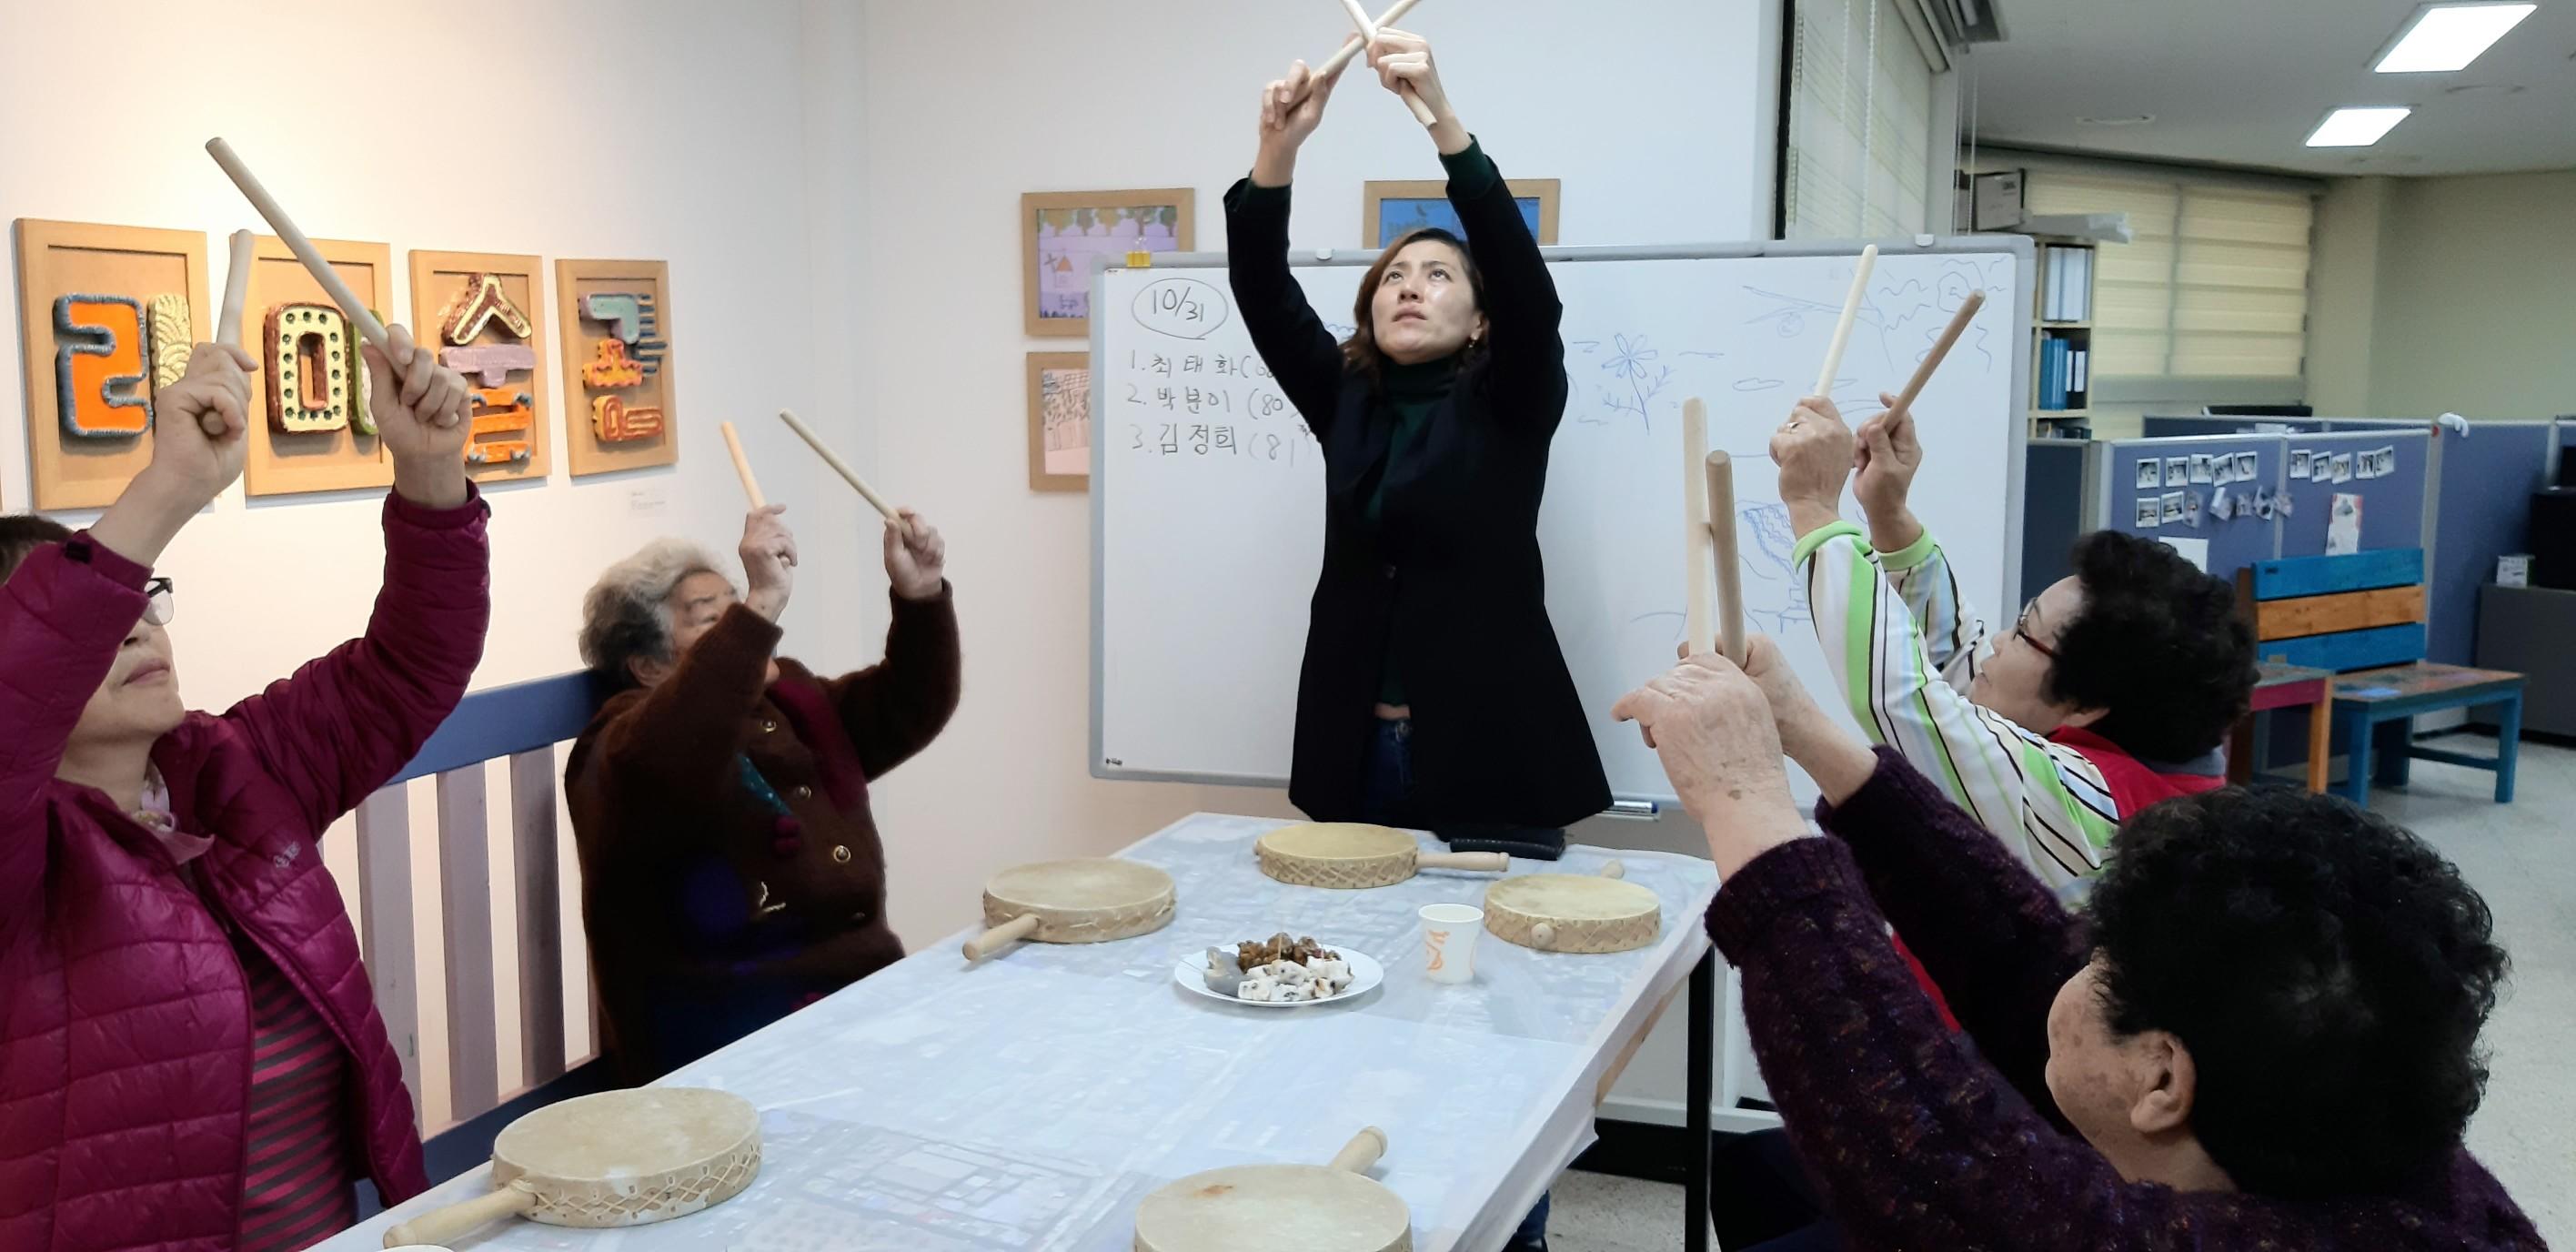 2019년 하반기 6주차 // 스트레칭 운동, 가을을 주제로 추억 표현하기(푸드아트), 북과 소고 연주